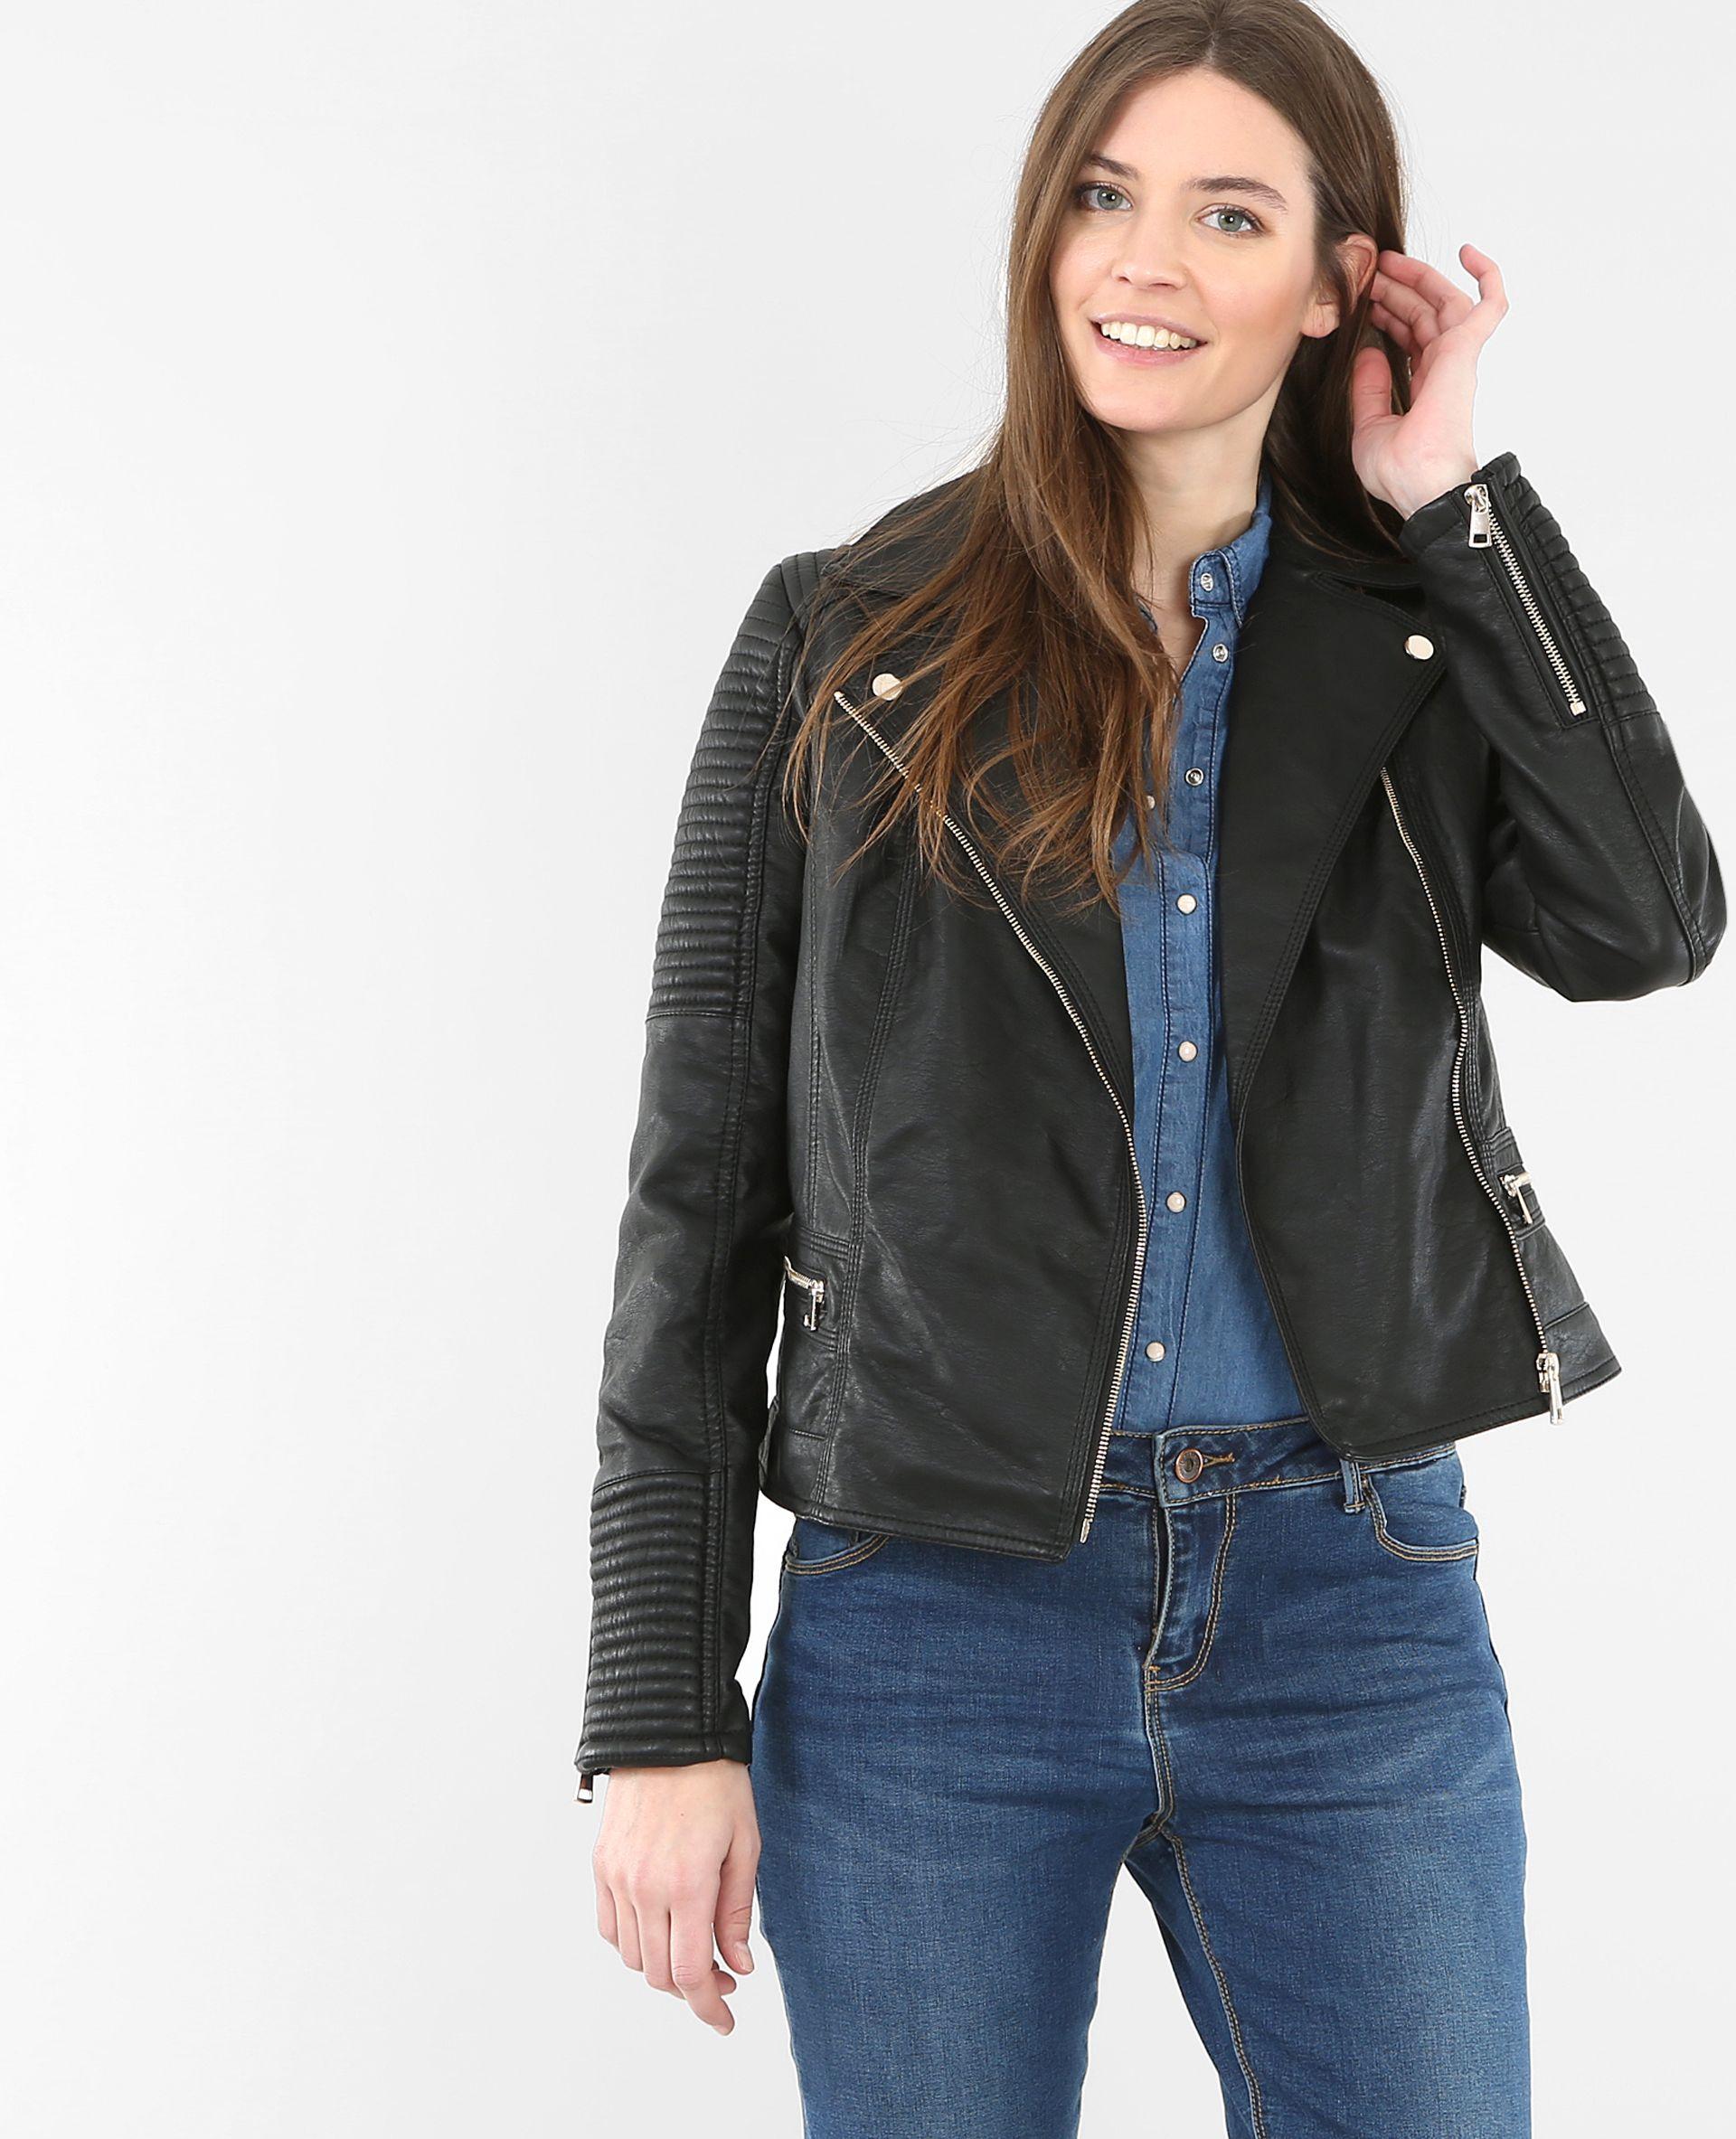 Veste jeans femme bonobo